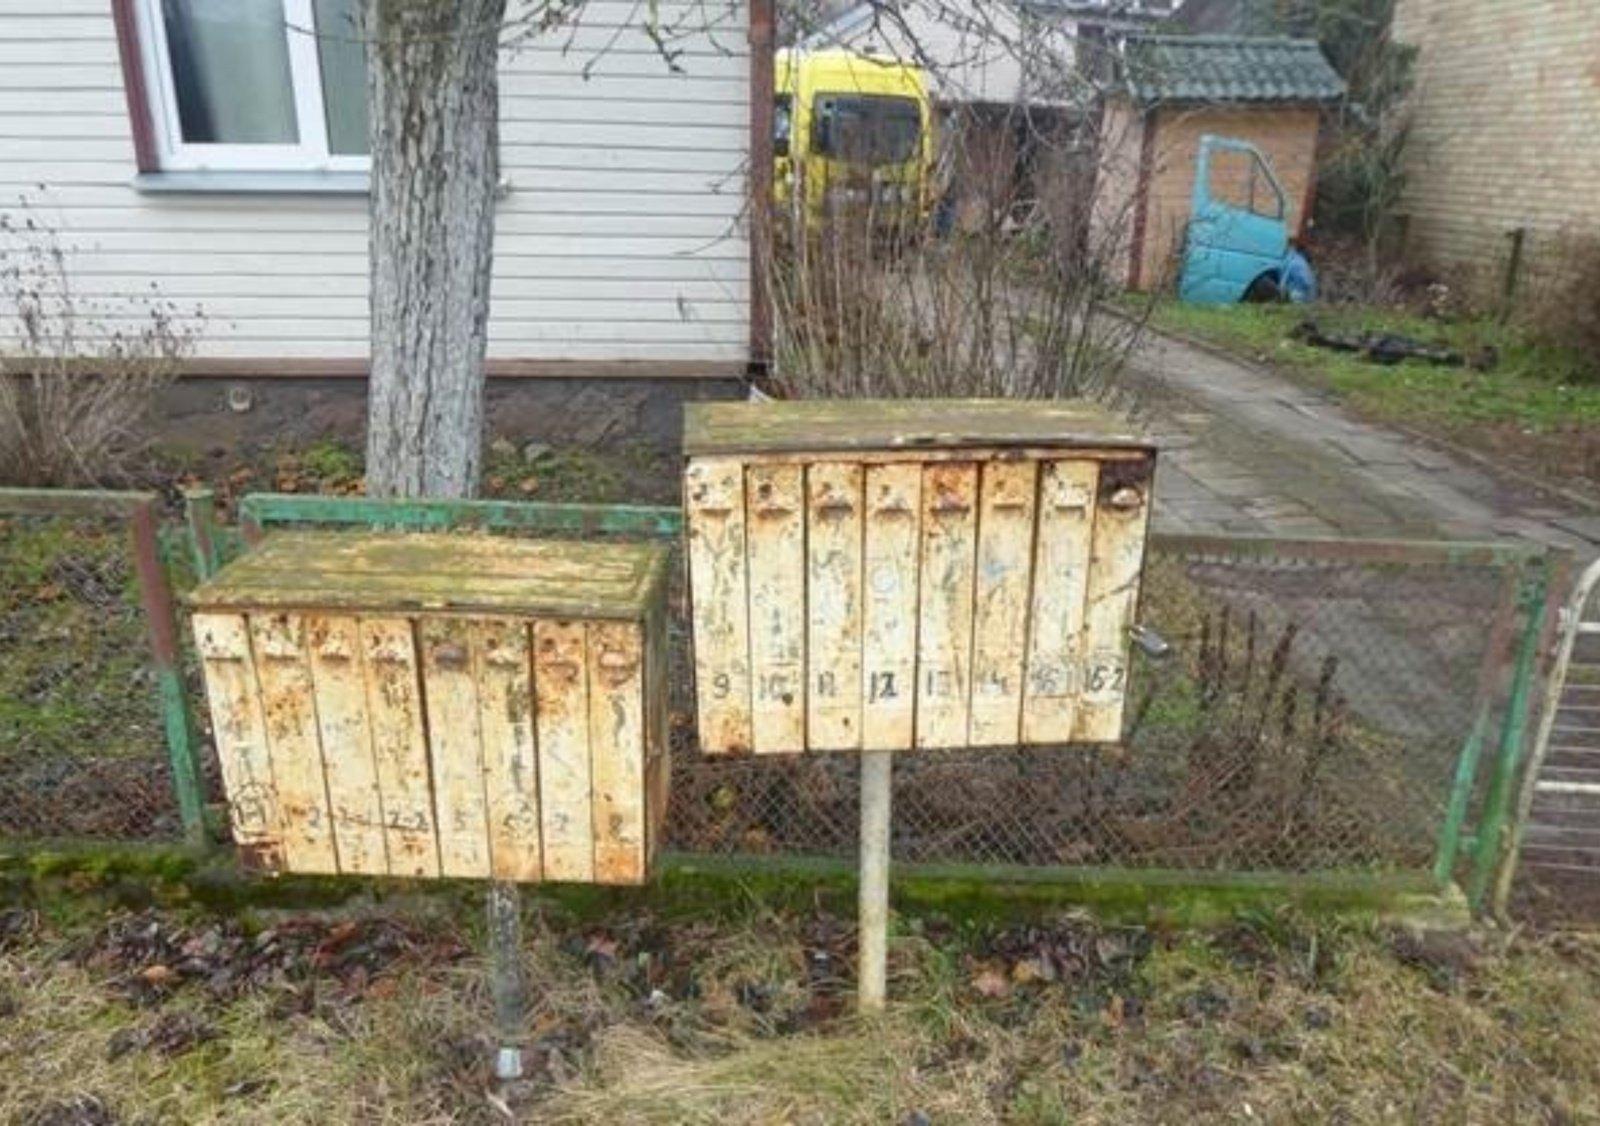 Panevėžiečiai kviečiami pašalinti senas pašto dėžutes